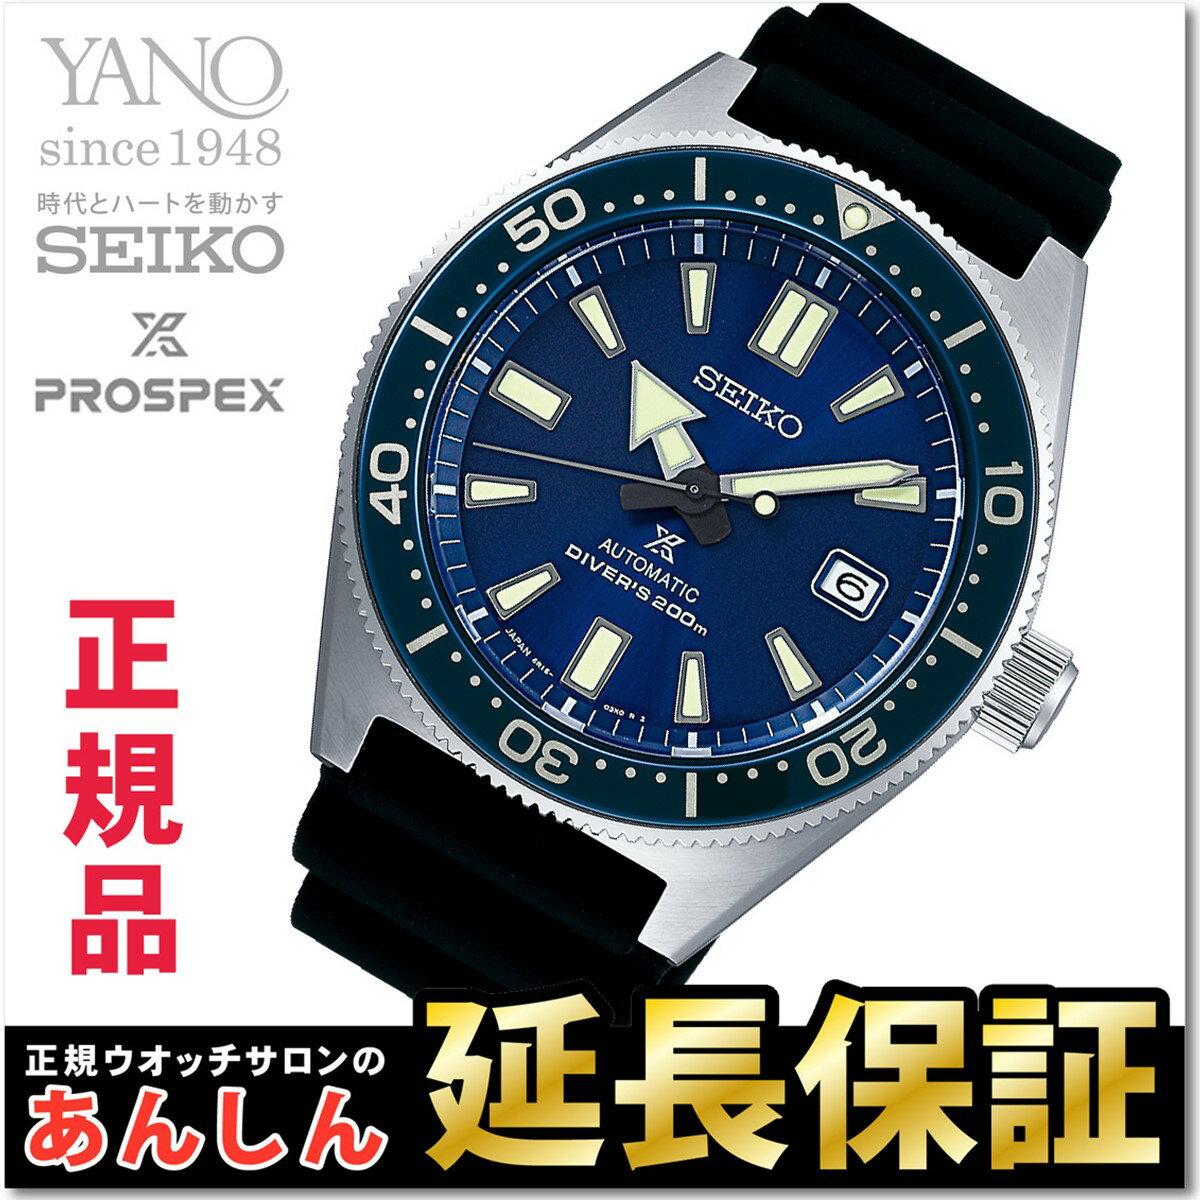 セイコー プロスペックス SBDC053 ダイバースキューバ ヒストリカルコレクション メカニカル 自動巻き 腕時計 メンズ SEIKO PROSPEX 【正規品】【0717】_10spl 【店頭受取対応商品】